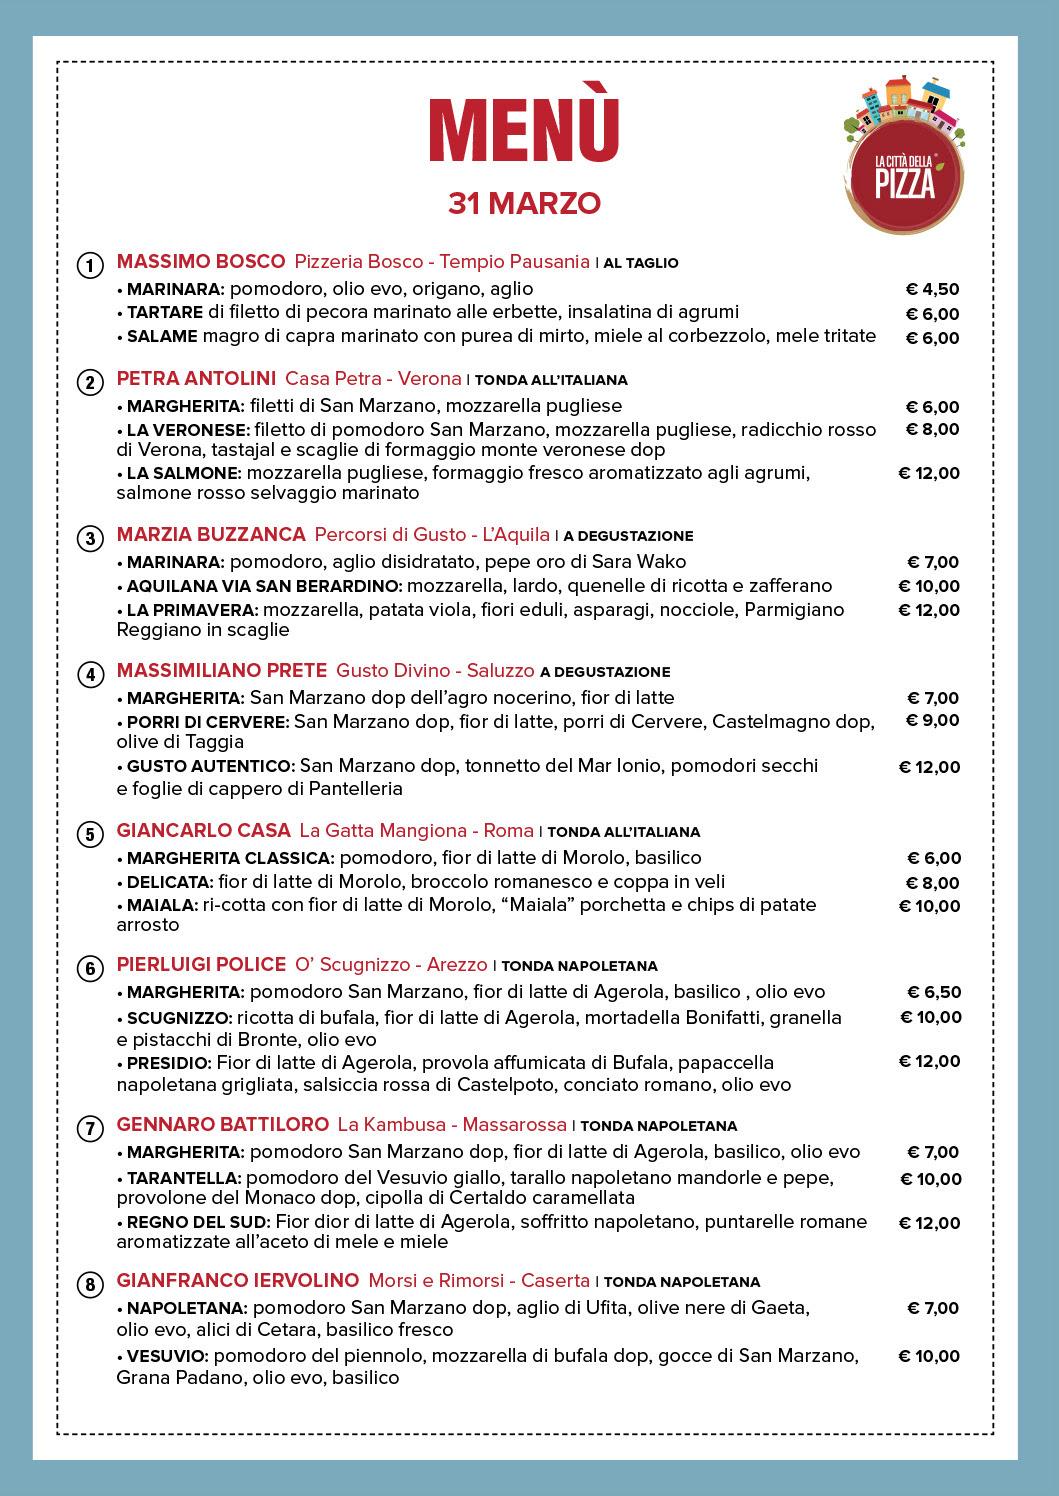 menu estivo comune di roma